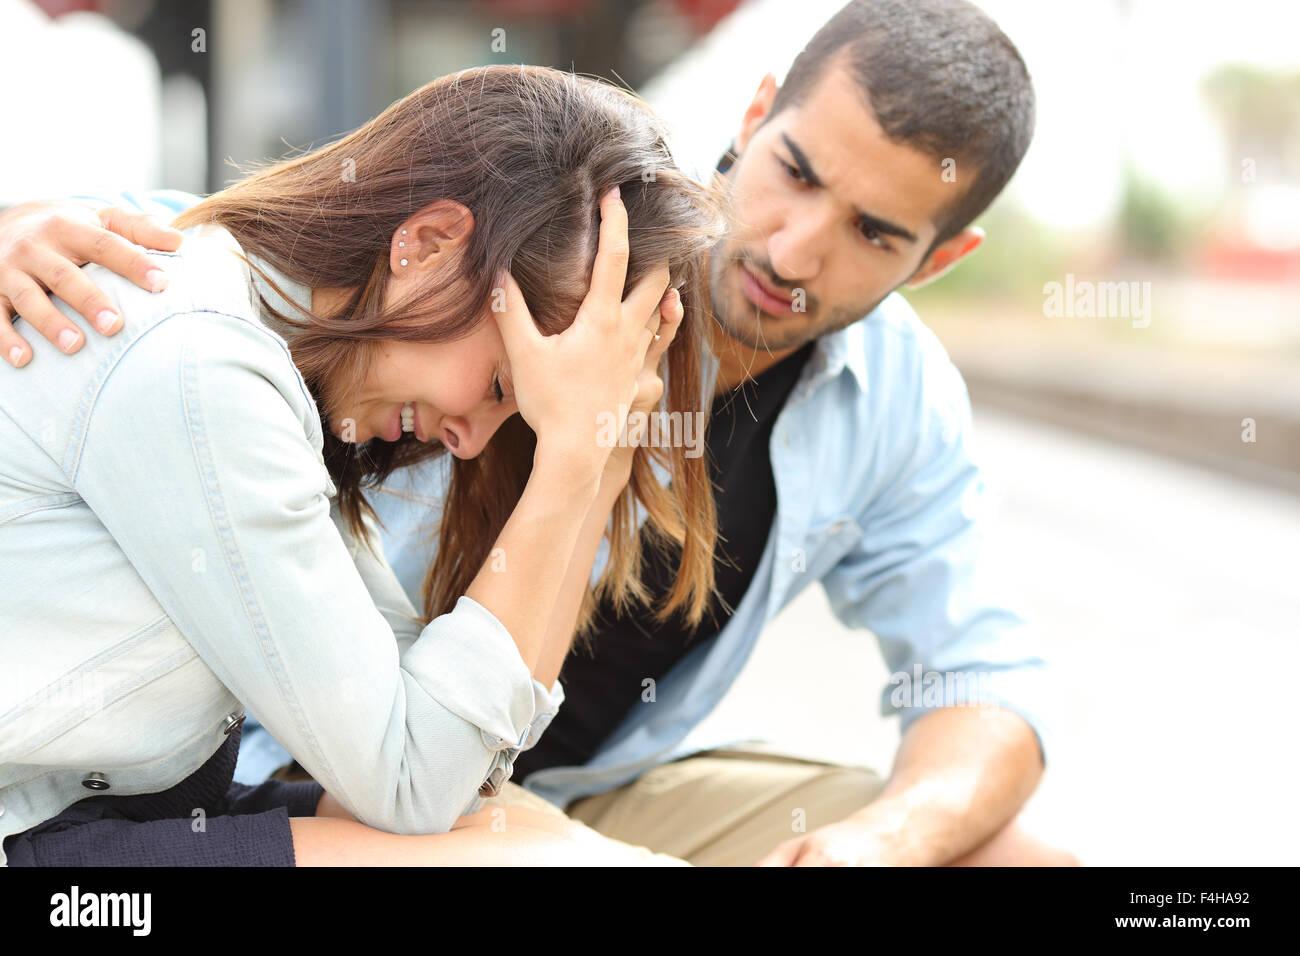 Vue latérale d'un musulman réconfortant un triste caucasian girl deuil dans une gare Banque D'Images